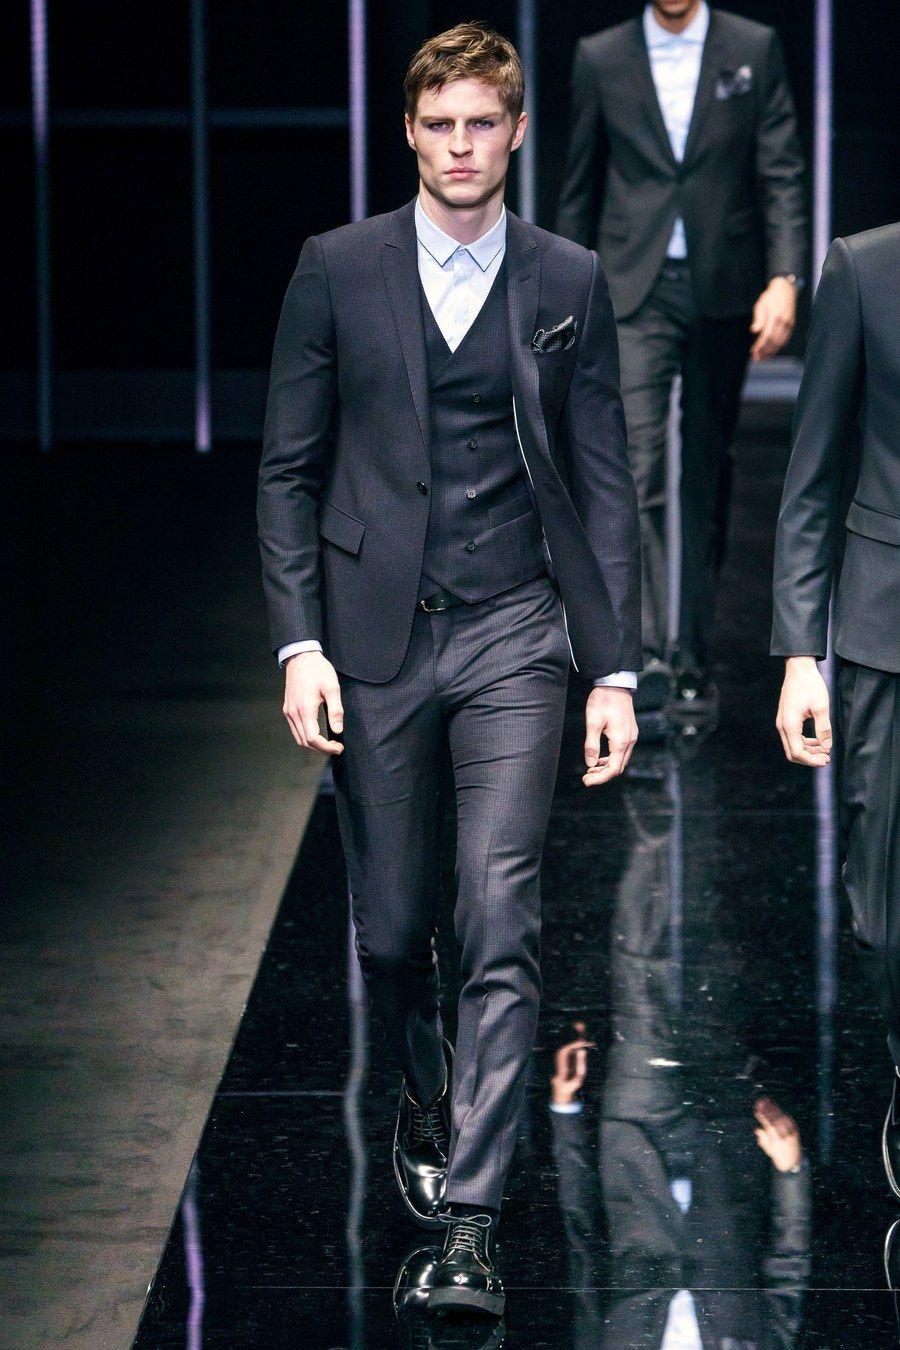 Emporio Armani Fall 2019 Menswear Fashion Show Armani